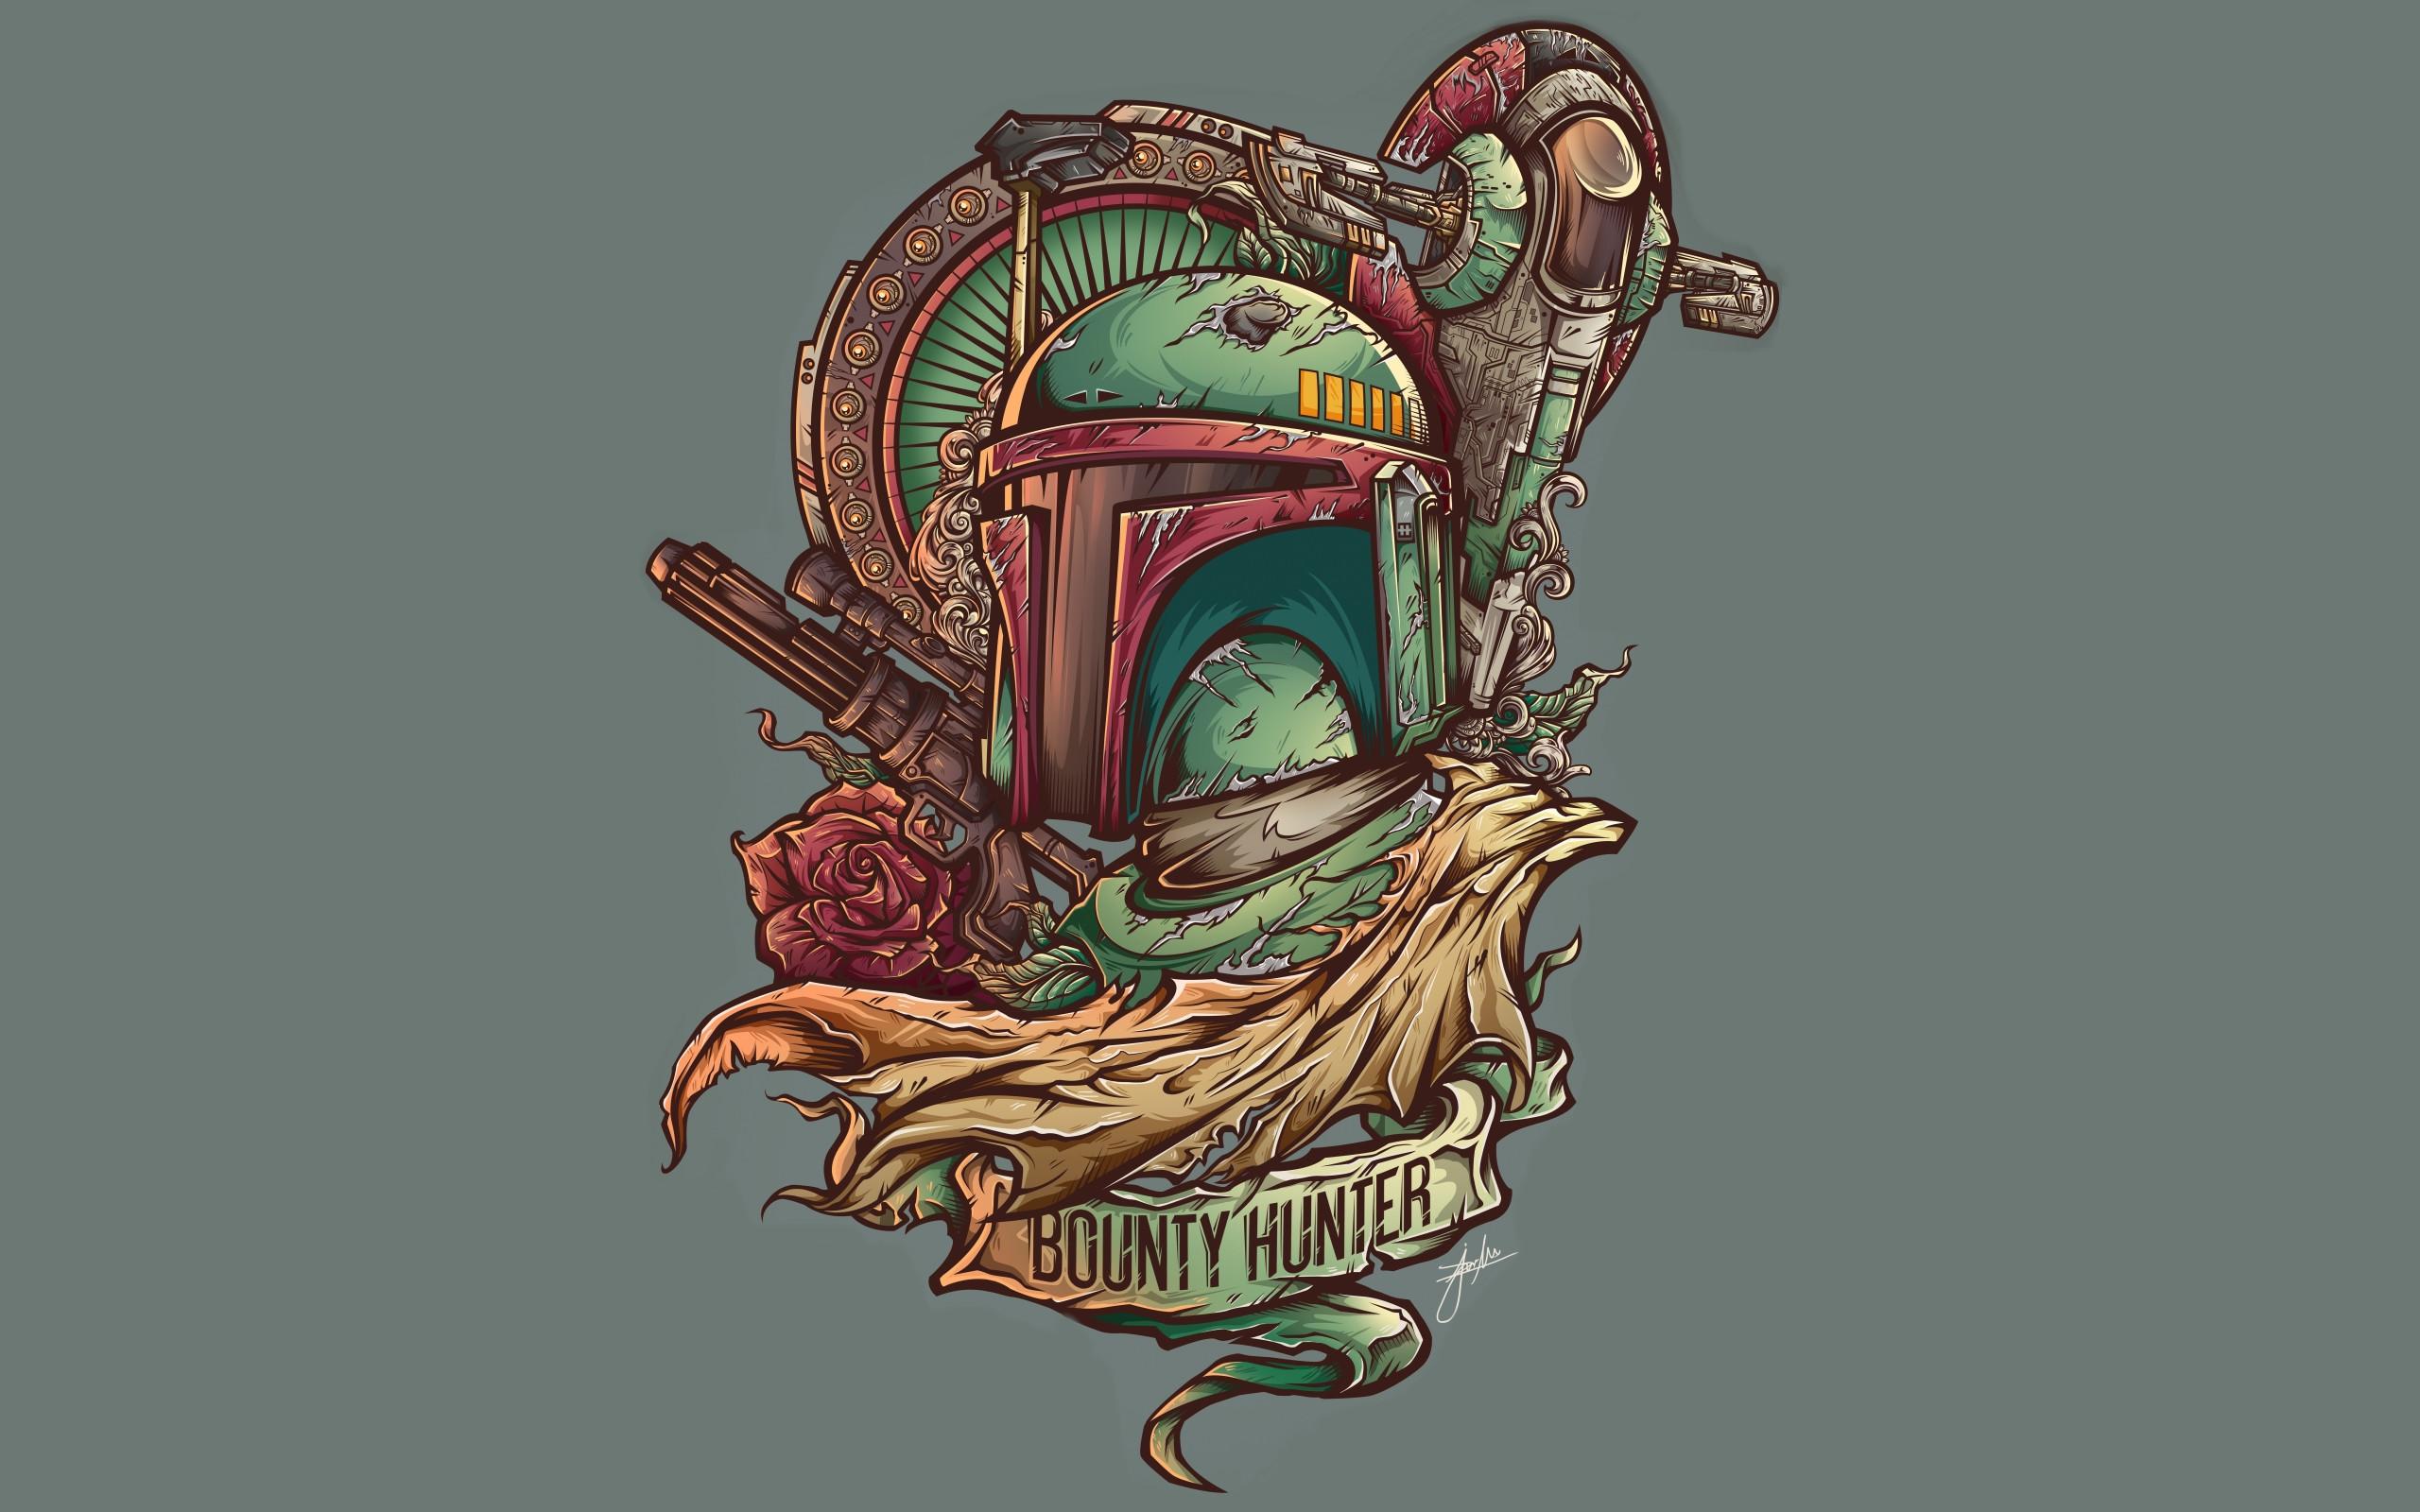 Movie – Star Wars Bounty Hunter Boba Fett Wallpaper